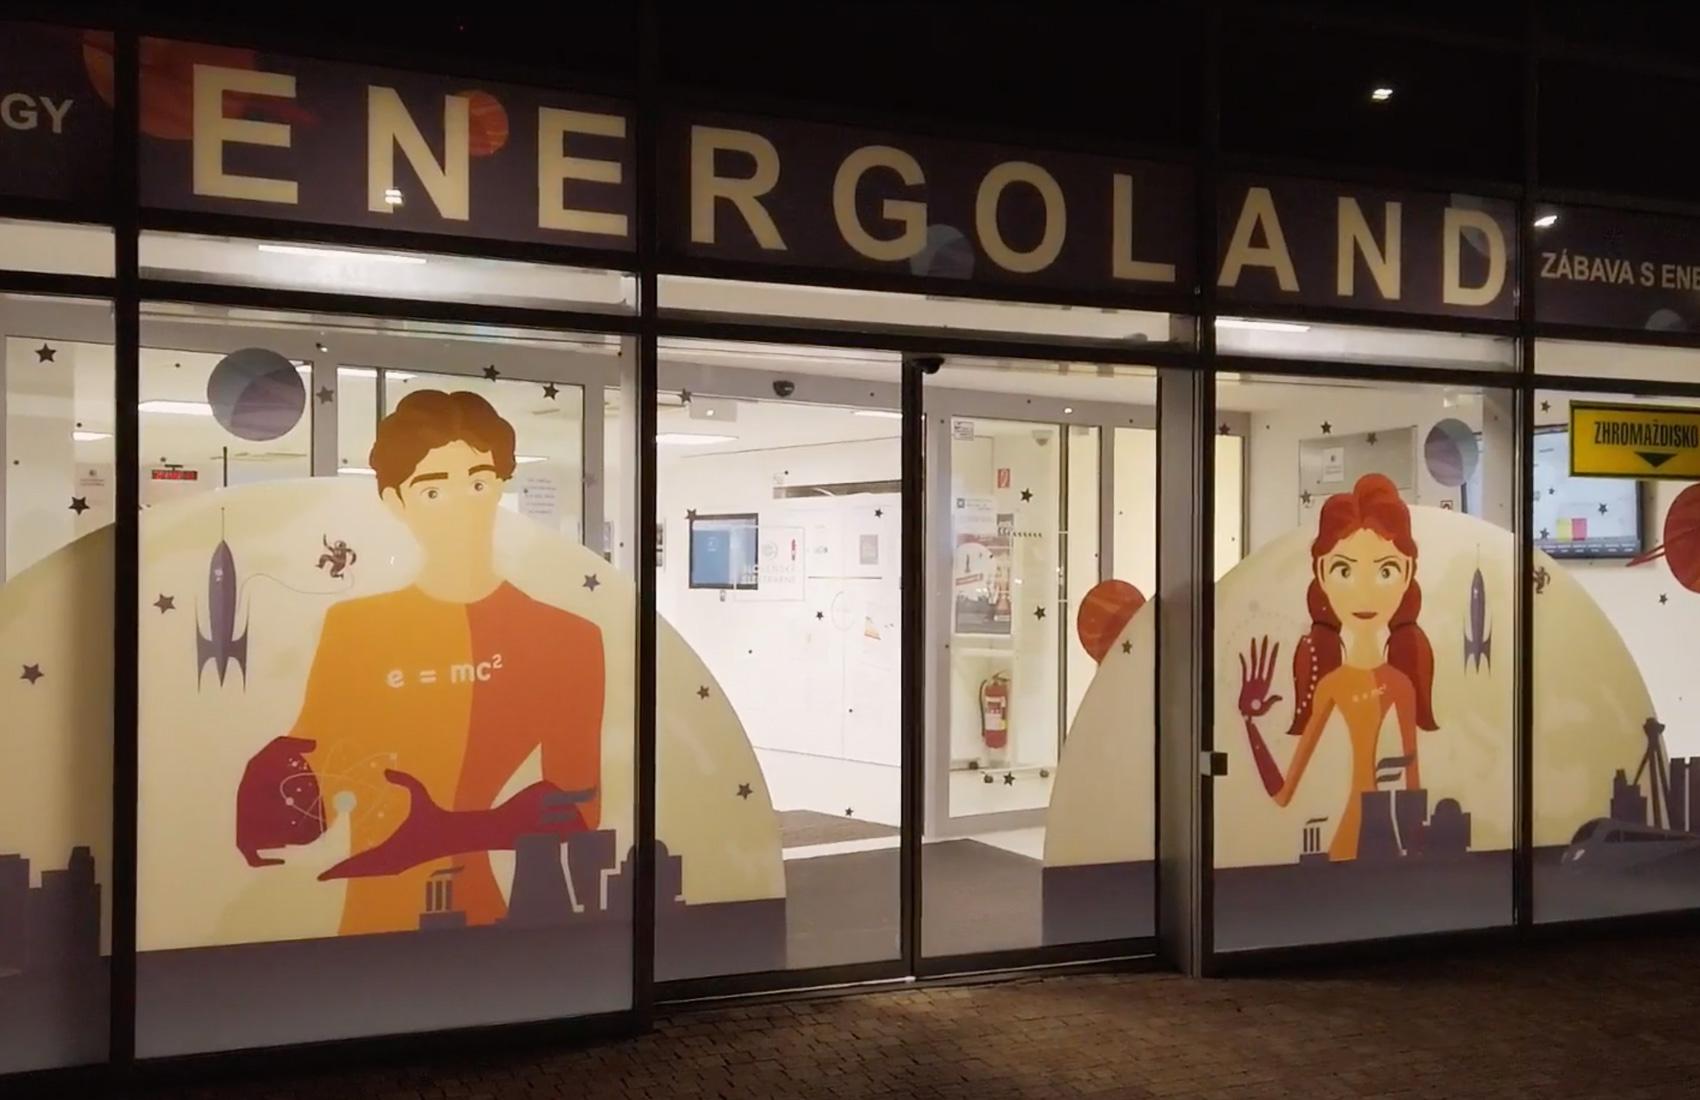 Night in Energoland (2019)